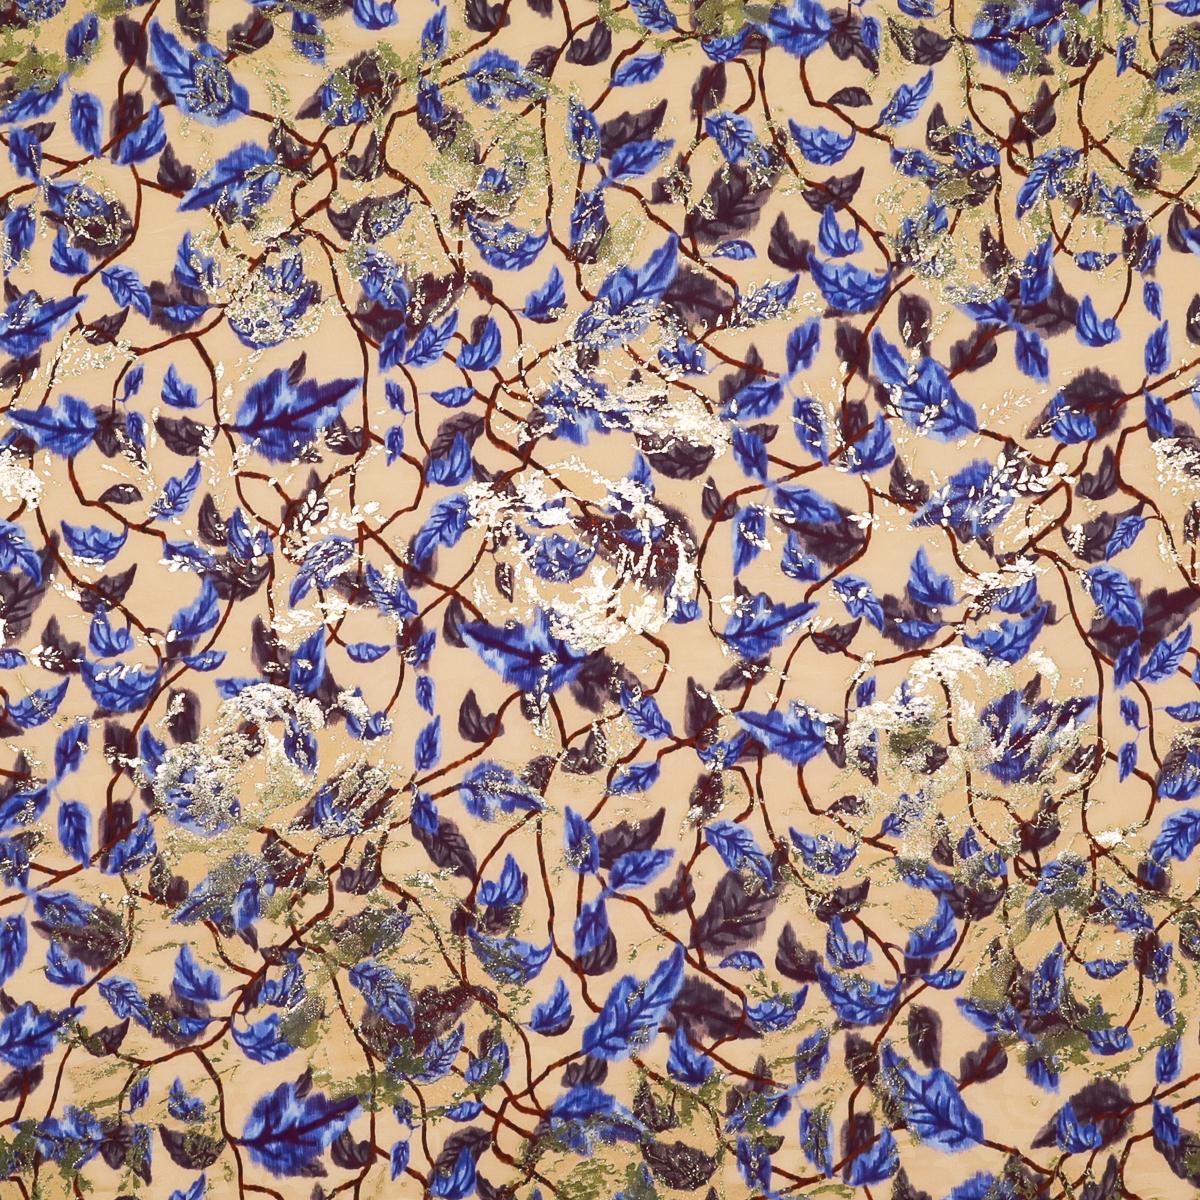 Кремово-бежевый шелковый жаккард в лианах с синими листьями